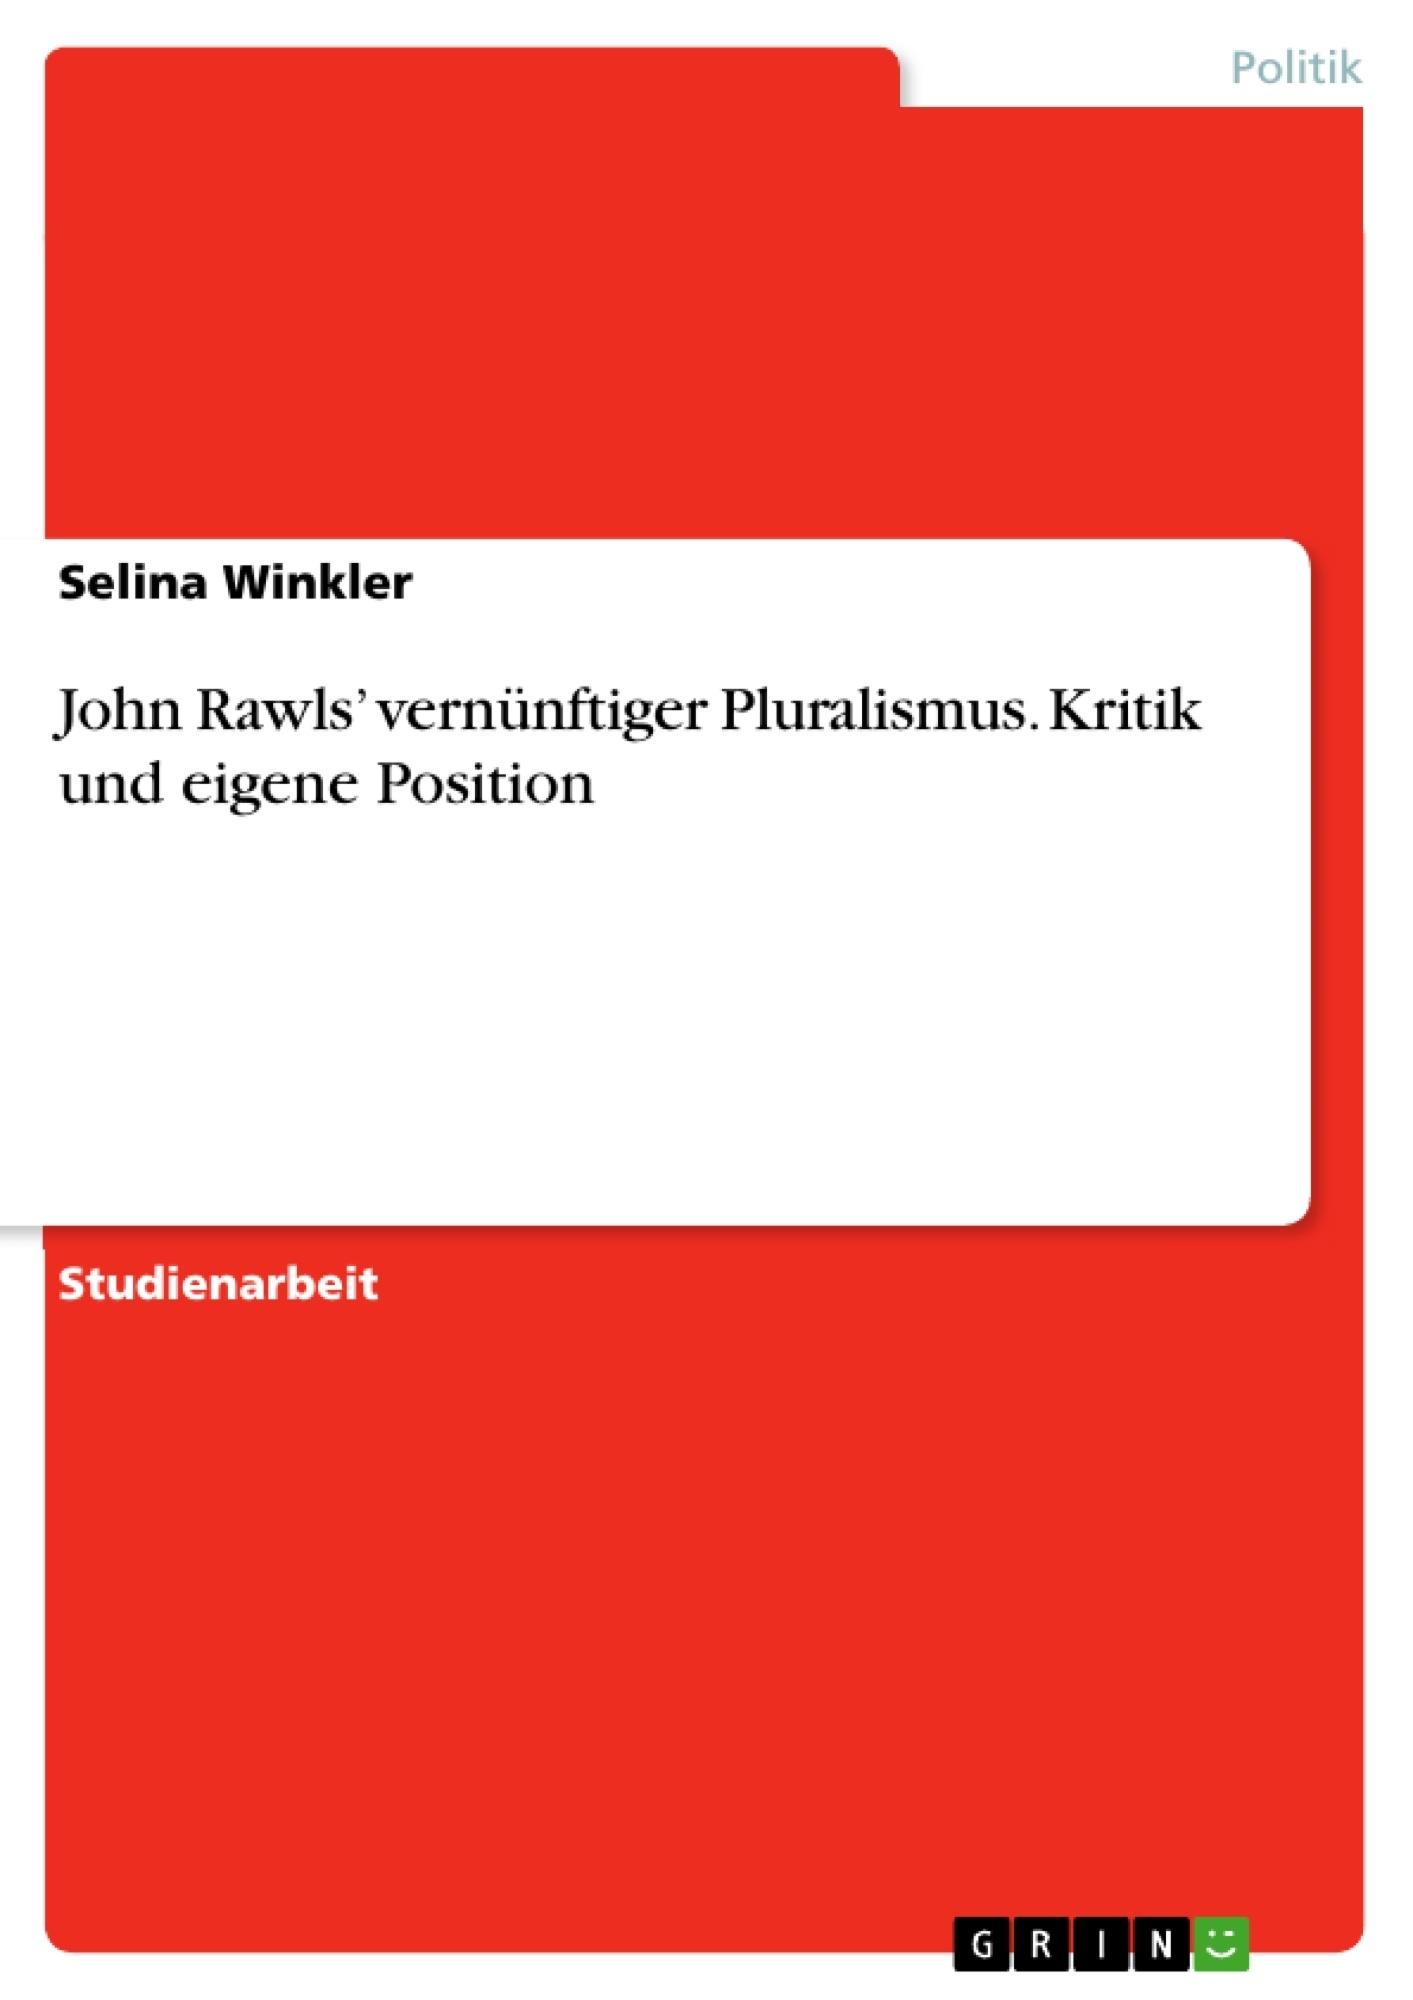 Titel: John Rawls' vernünftiger Pluralismus. Kritik und eigene Position